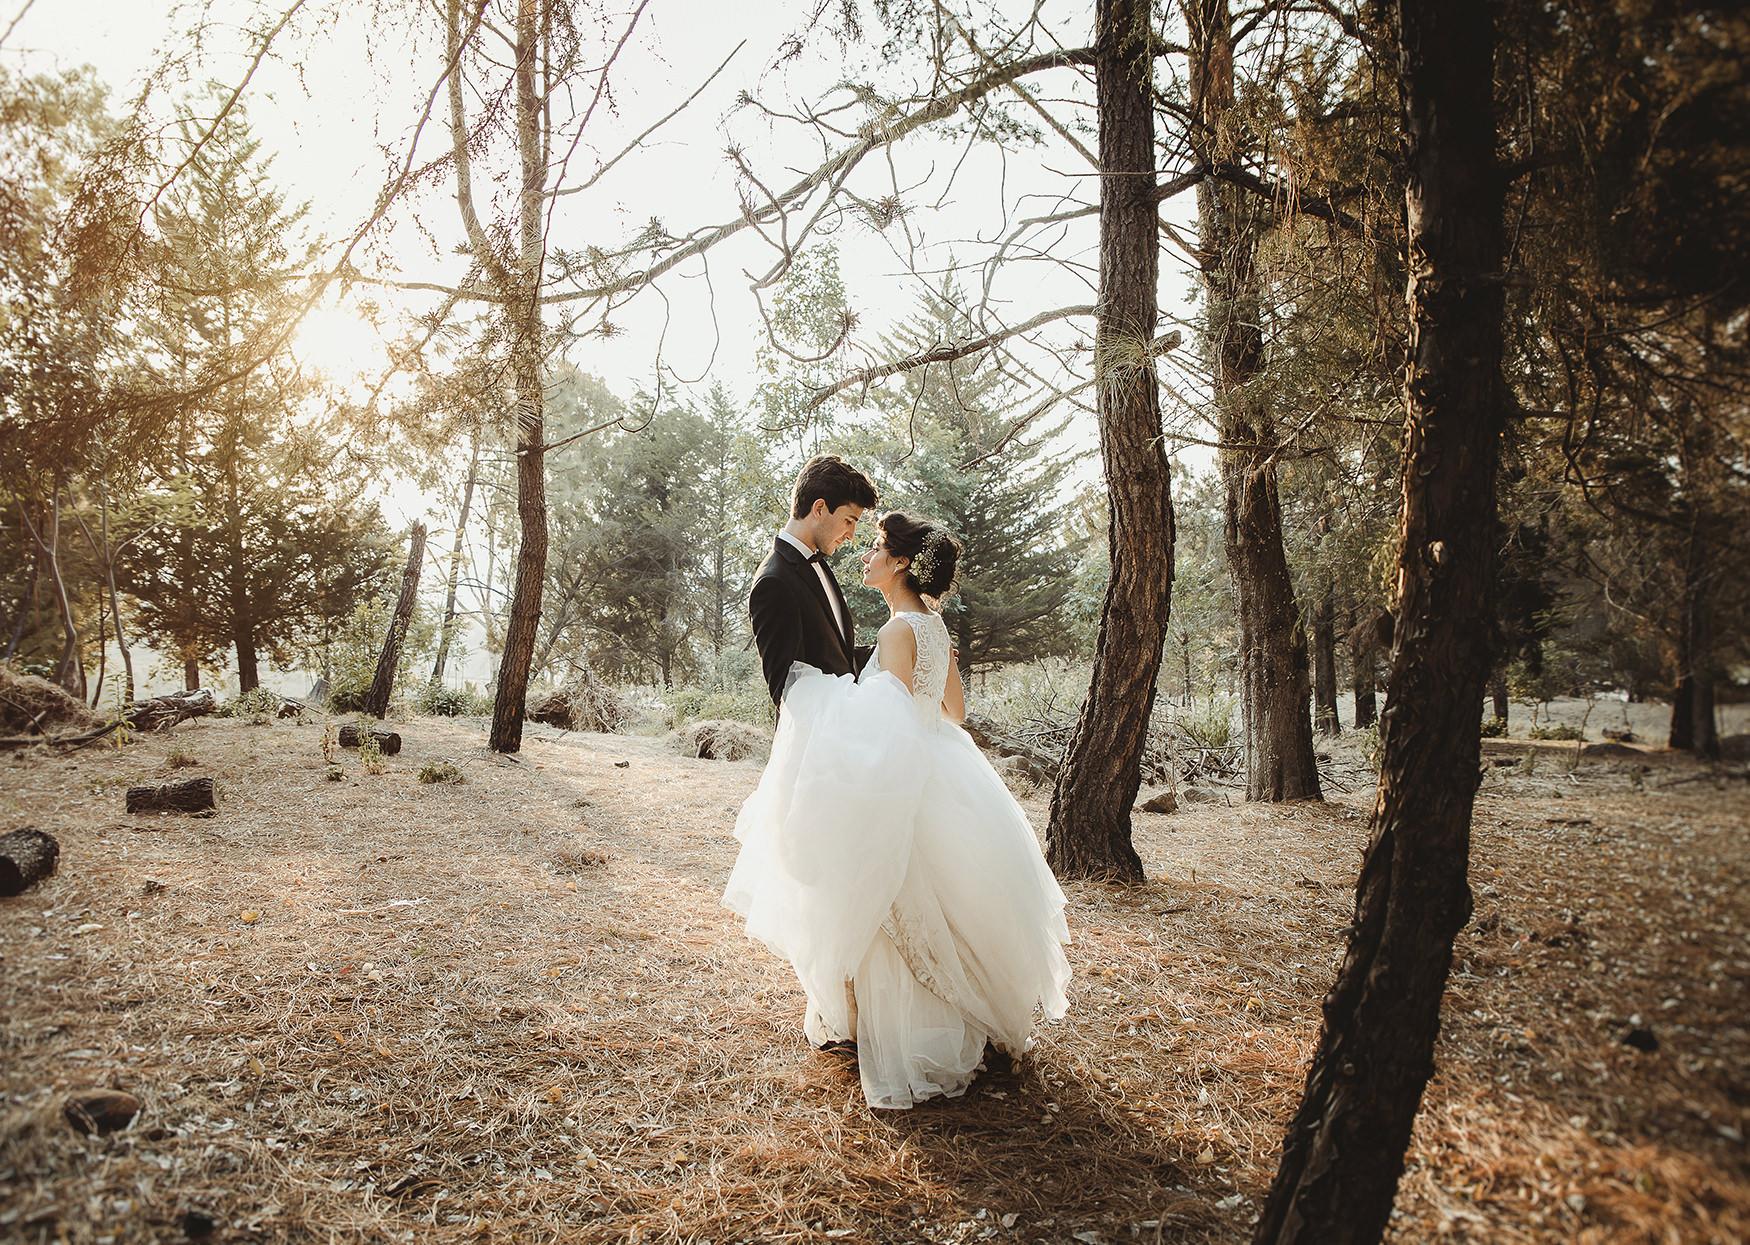 A&K |    WEDDING |    MICHOACAN MEXICO